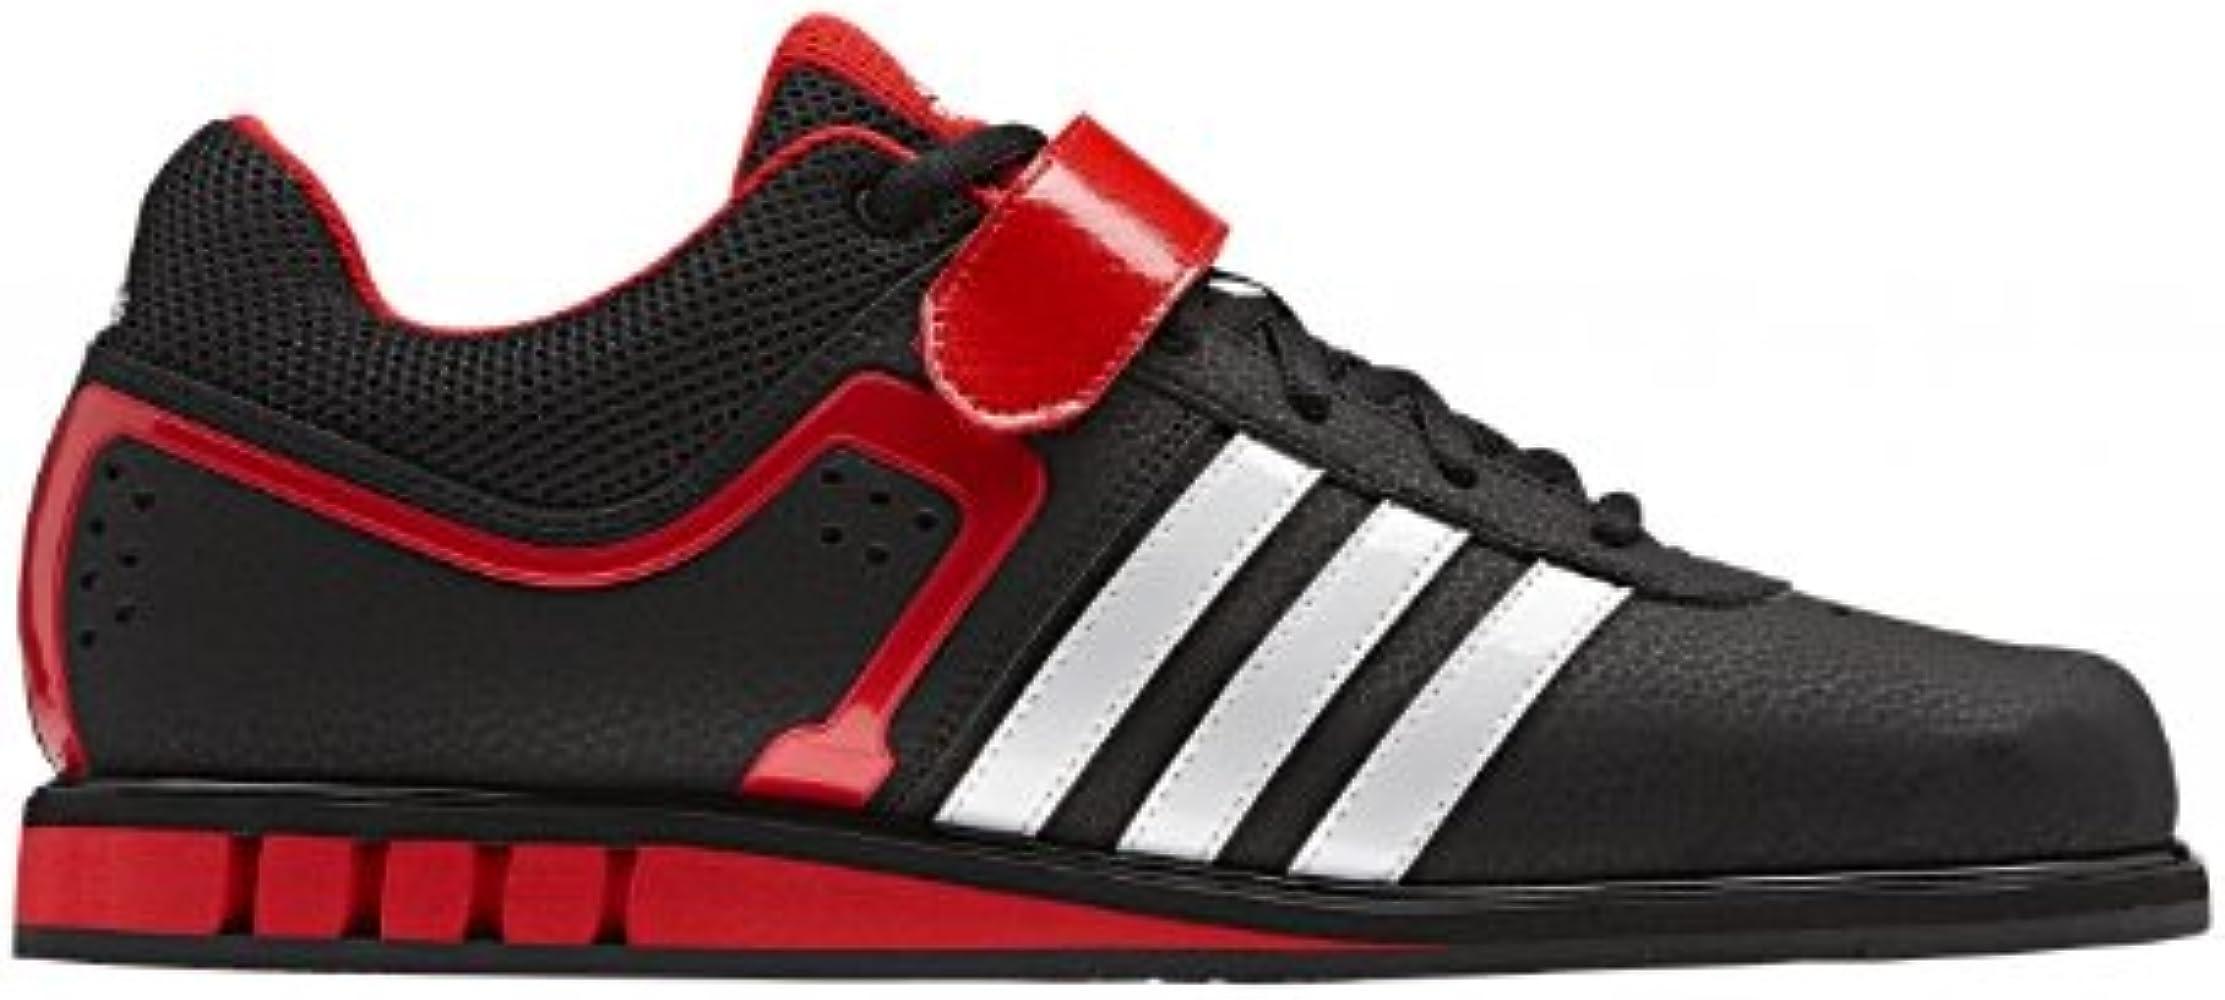 Adidas Powerlift 3.1 ab 39,99 € (September 2019 Preise